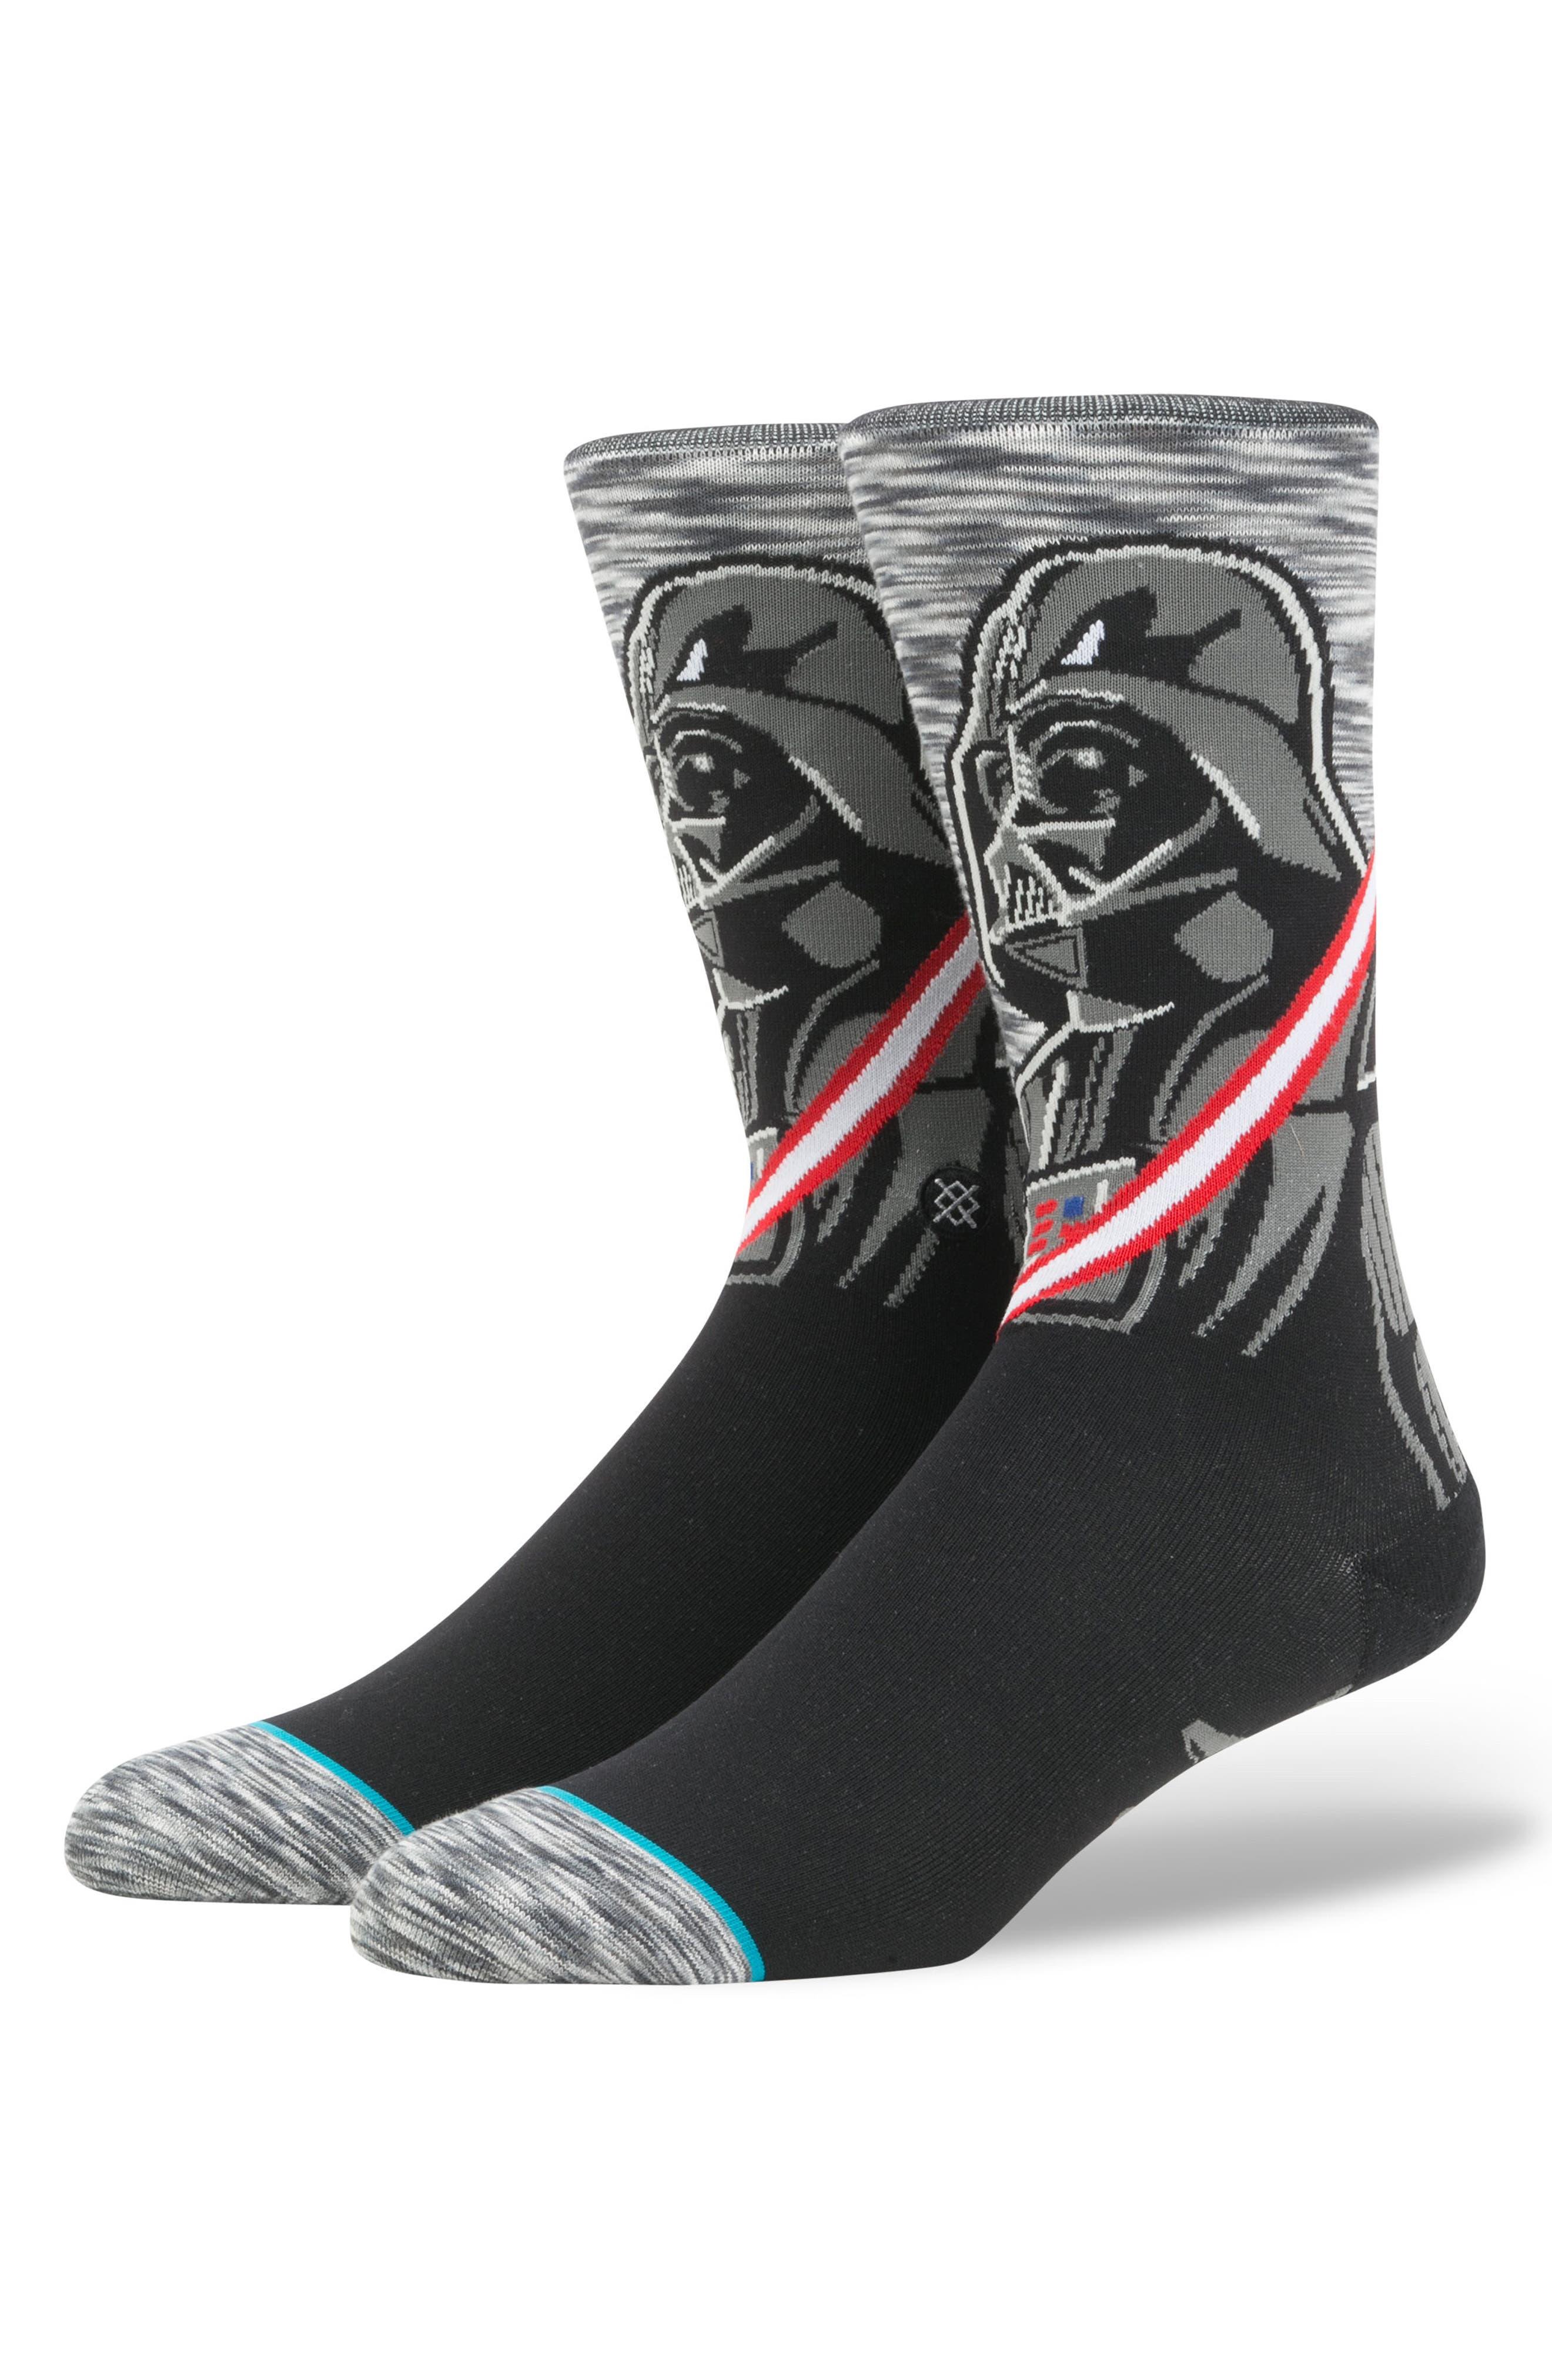 Star Wars<sup>™</sup> - Darkside Socks,                             Main thumbnail 1, color,                             Grey